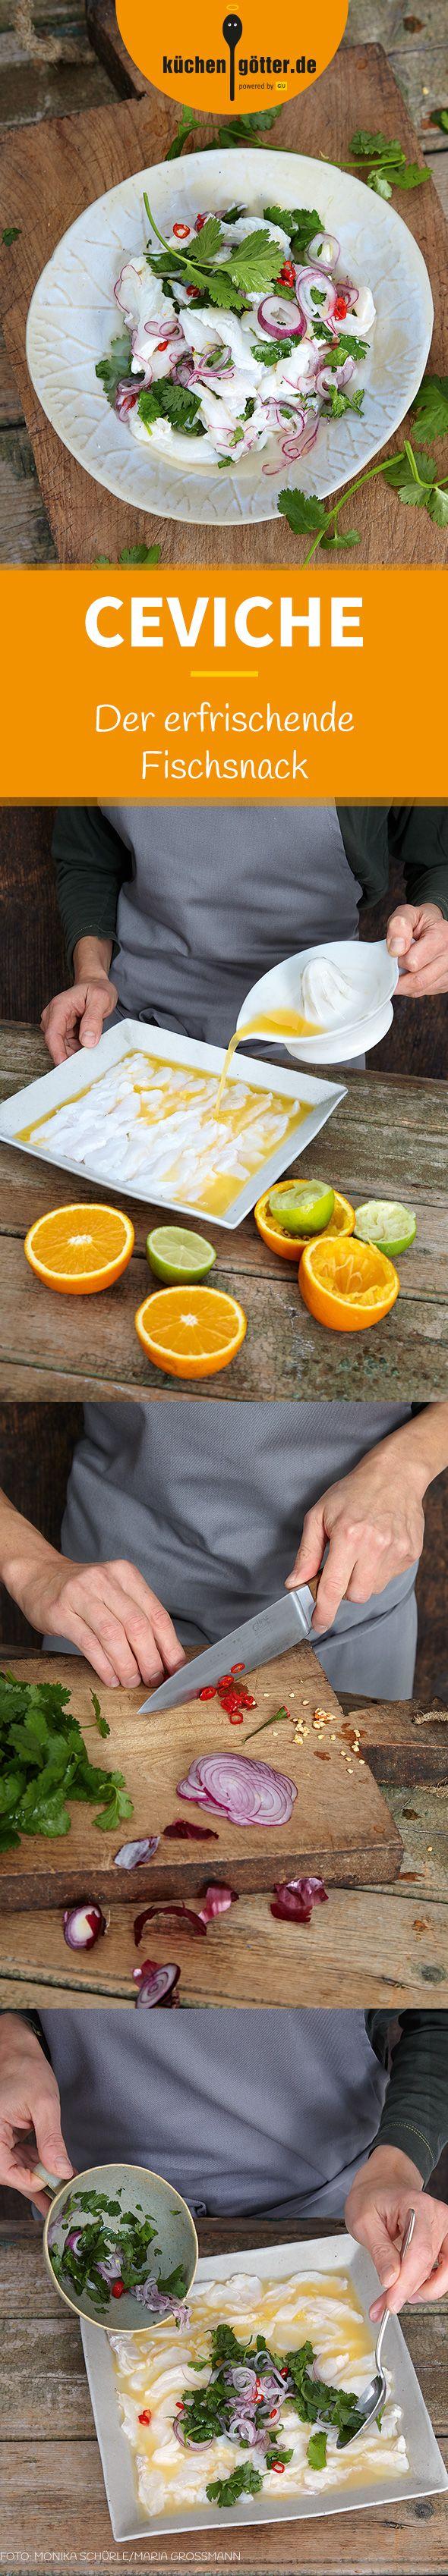 CEVICHE - Fangfrischer roher Fisch wird mit Limetten- oder Zitronensaft aromatisiert und zieht ein paar Stunden im eigenen Saft, bis der Fisch nicht mehr glasig ist und fast wie gegart schmeckt. - Ein (Paleo Mexican Recipes)